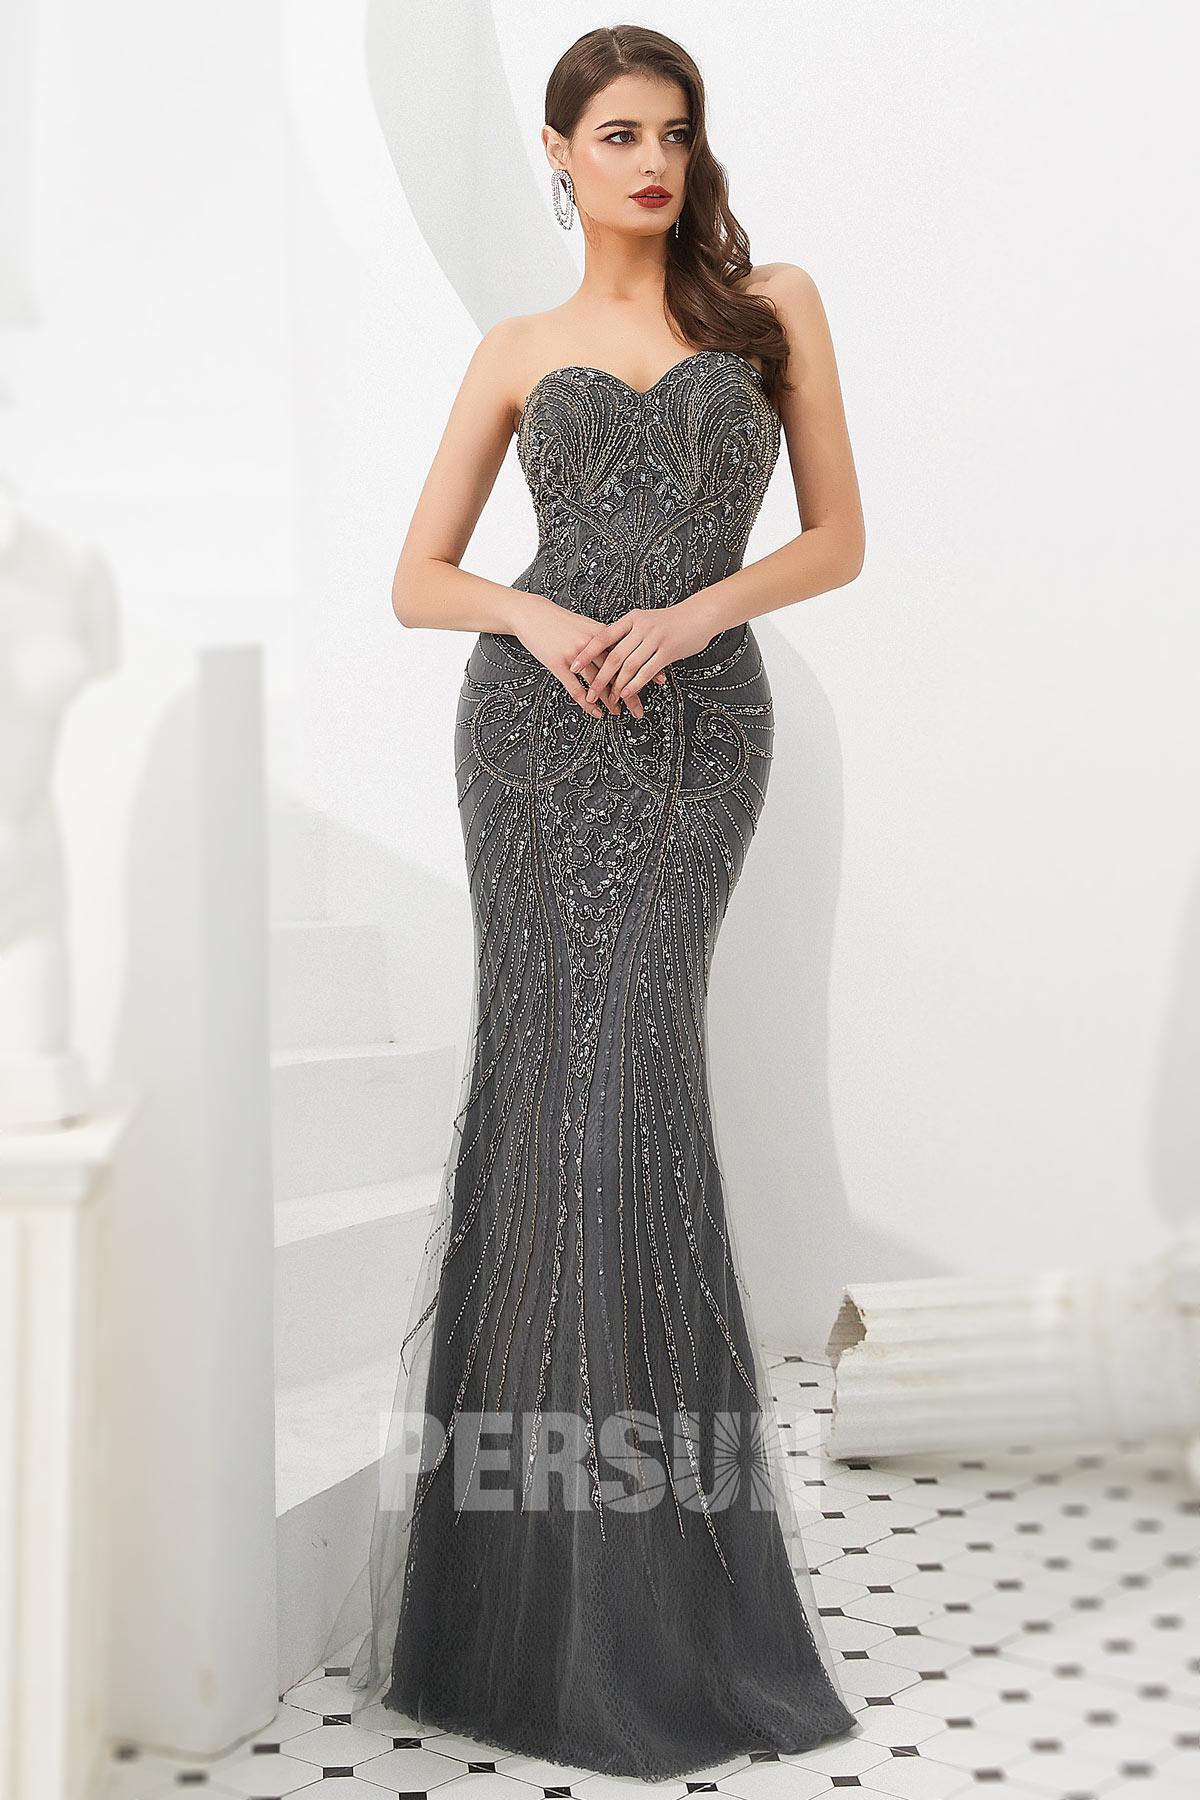 robe de soirée sirène grise 2020 bustier coeur ornée de bijoux